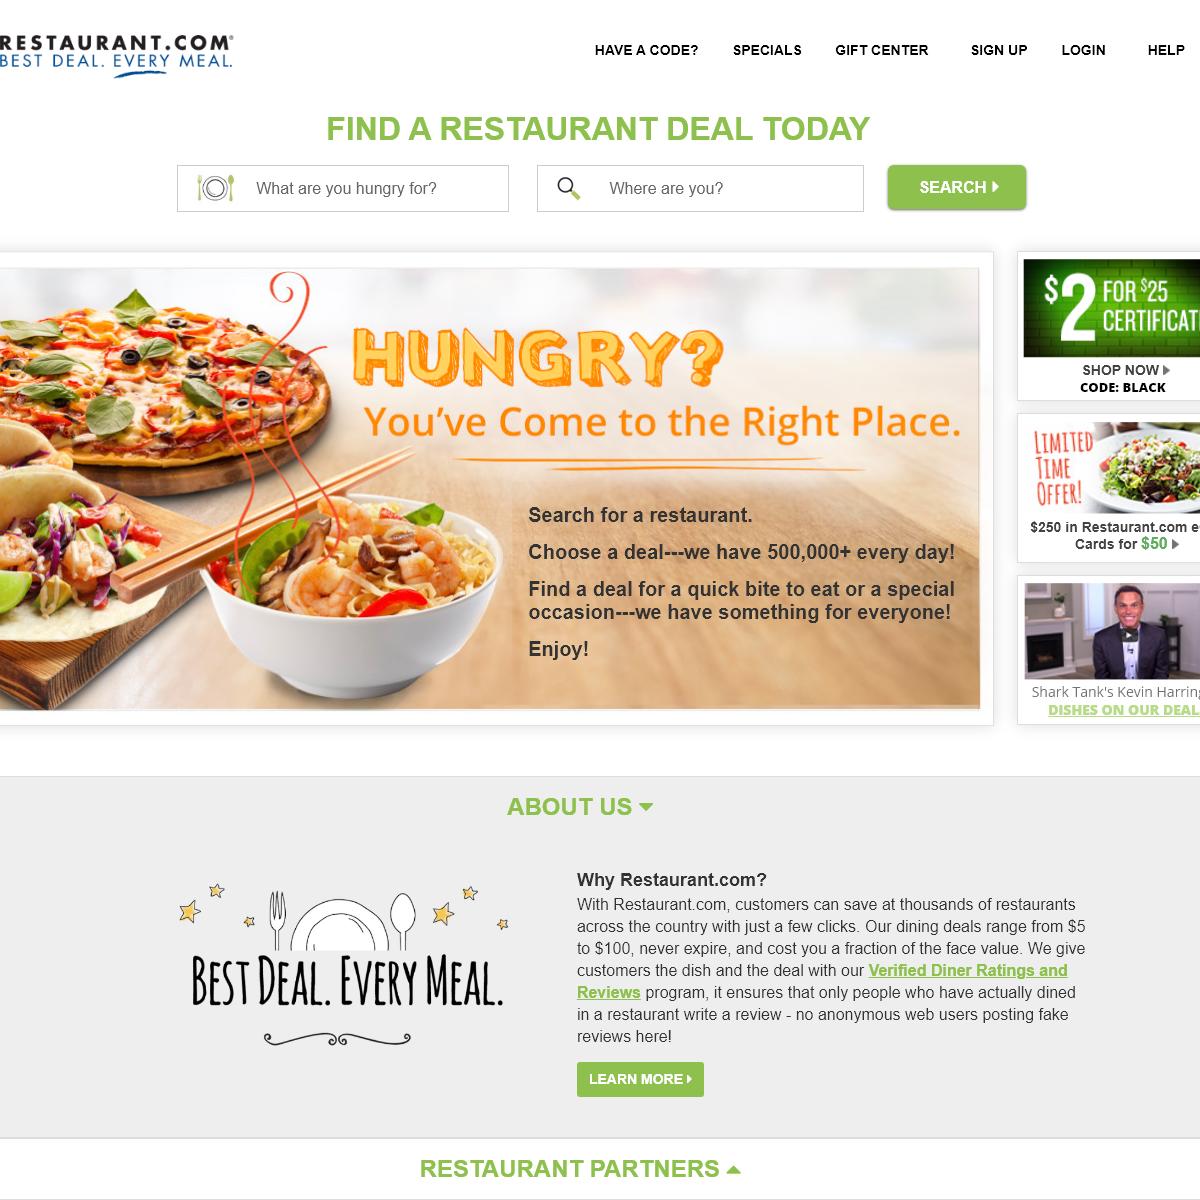 Restaurant.com - Restaurant Reviews, Coupons and Deals